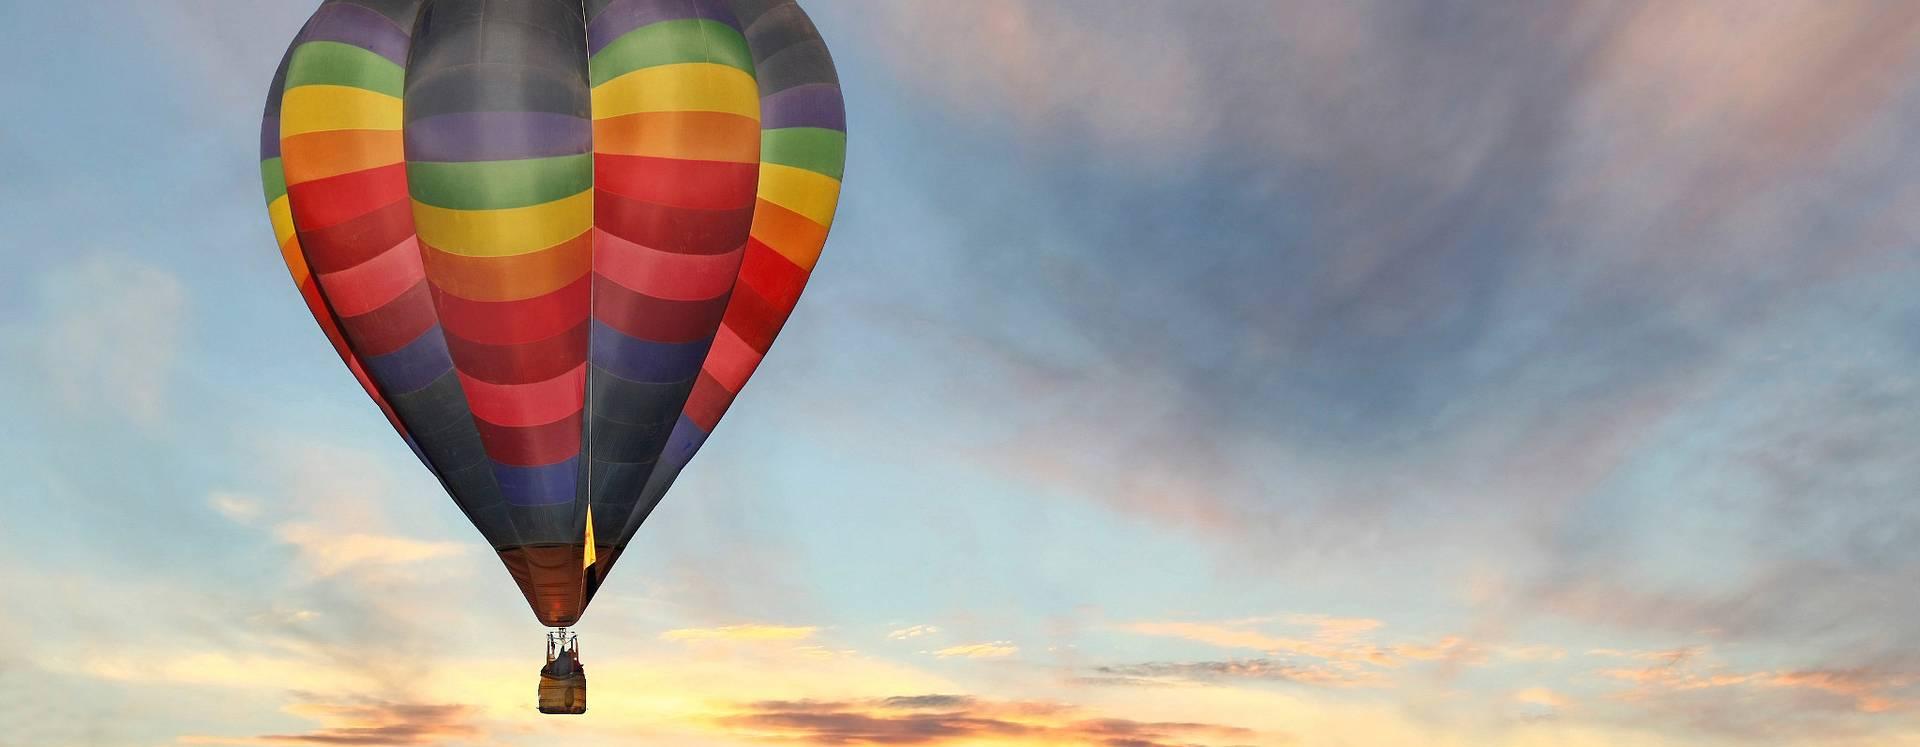 Nascer do sol ilumina um balão de ar quente colorido como ele flutua no céu da manhã